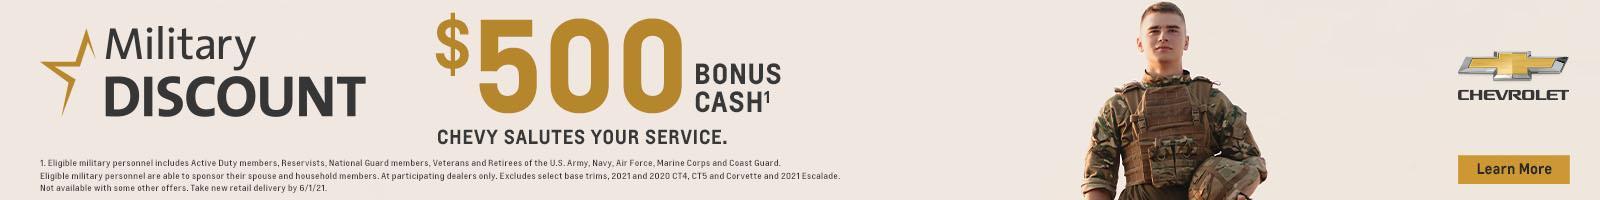 Military Discount. $500 bonus cash.